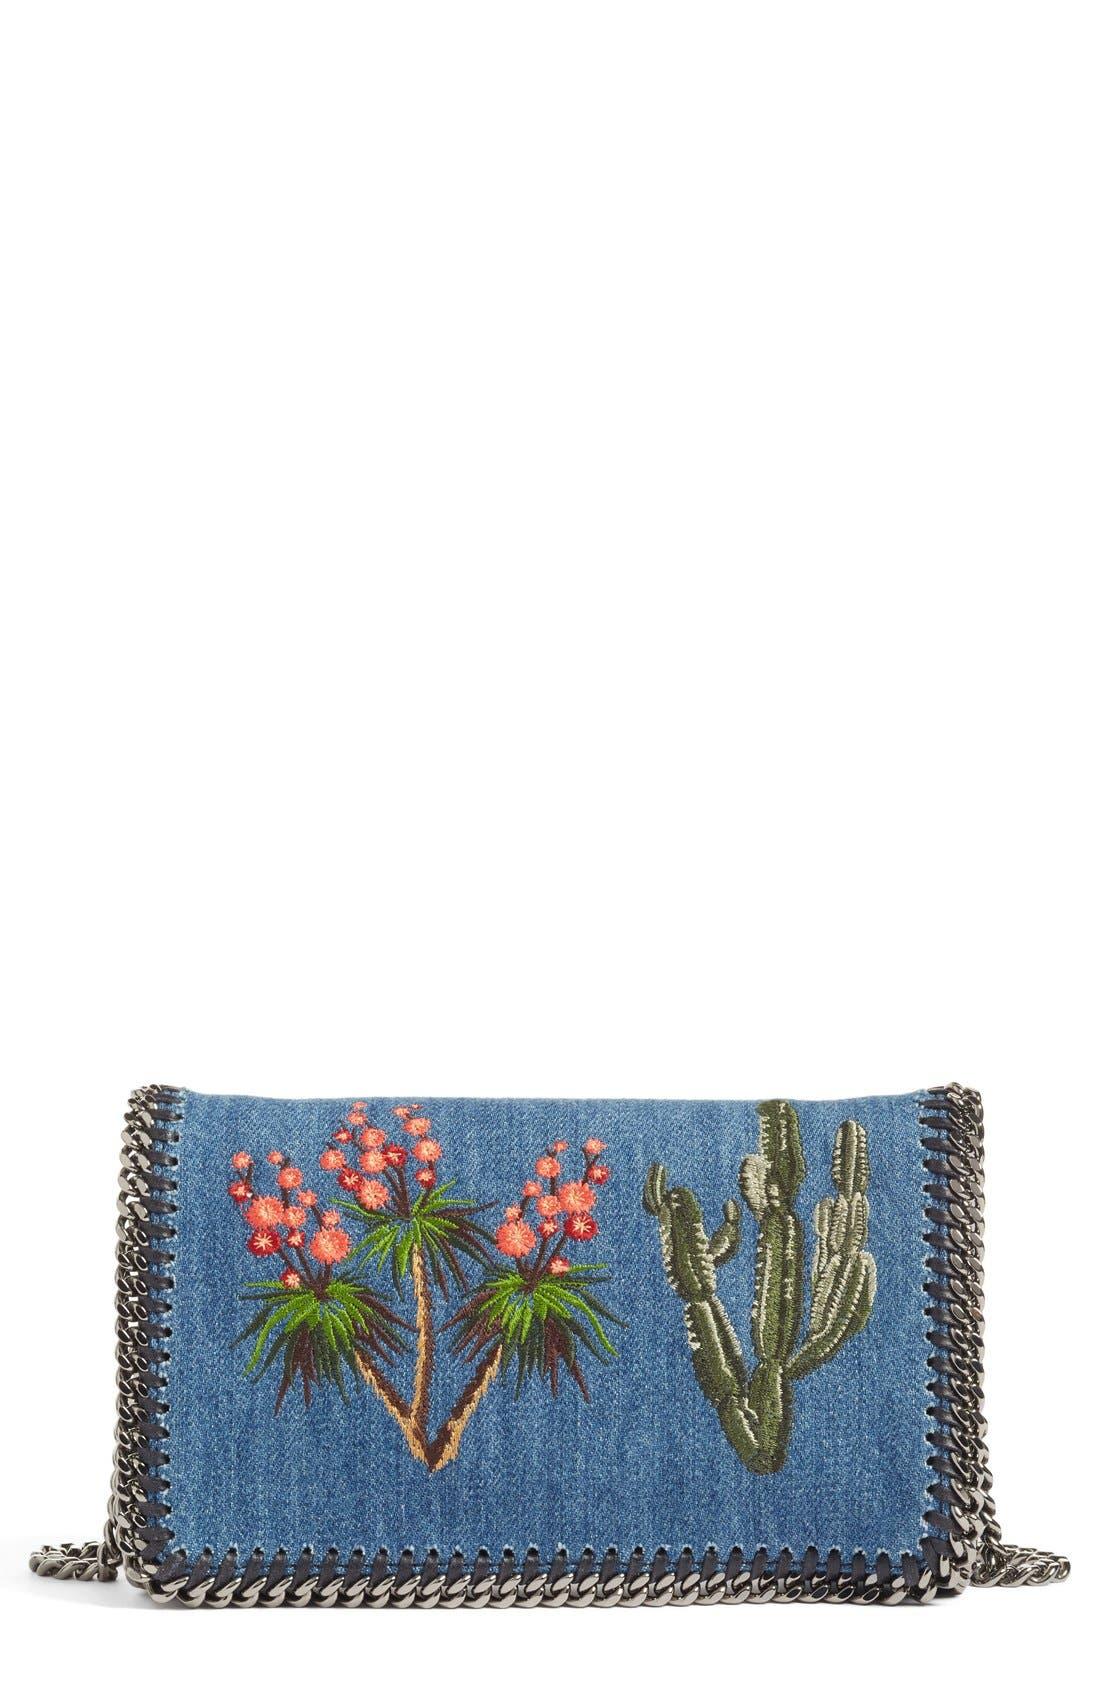 Main Image - Stella McCartney Embroidered Denim Shoulder Bag